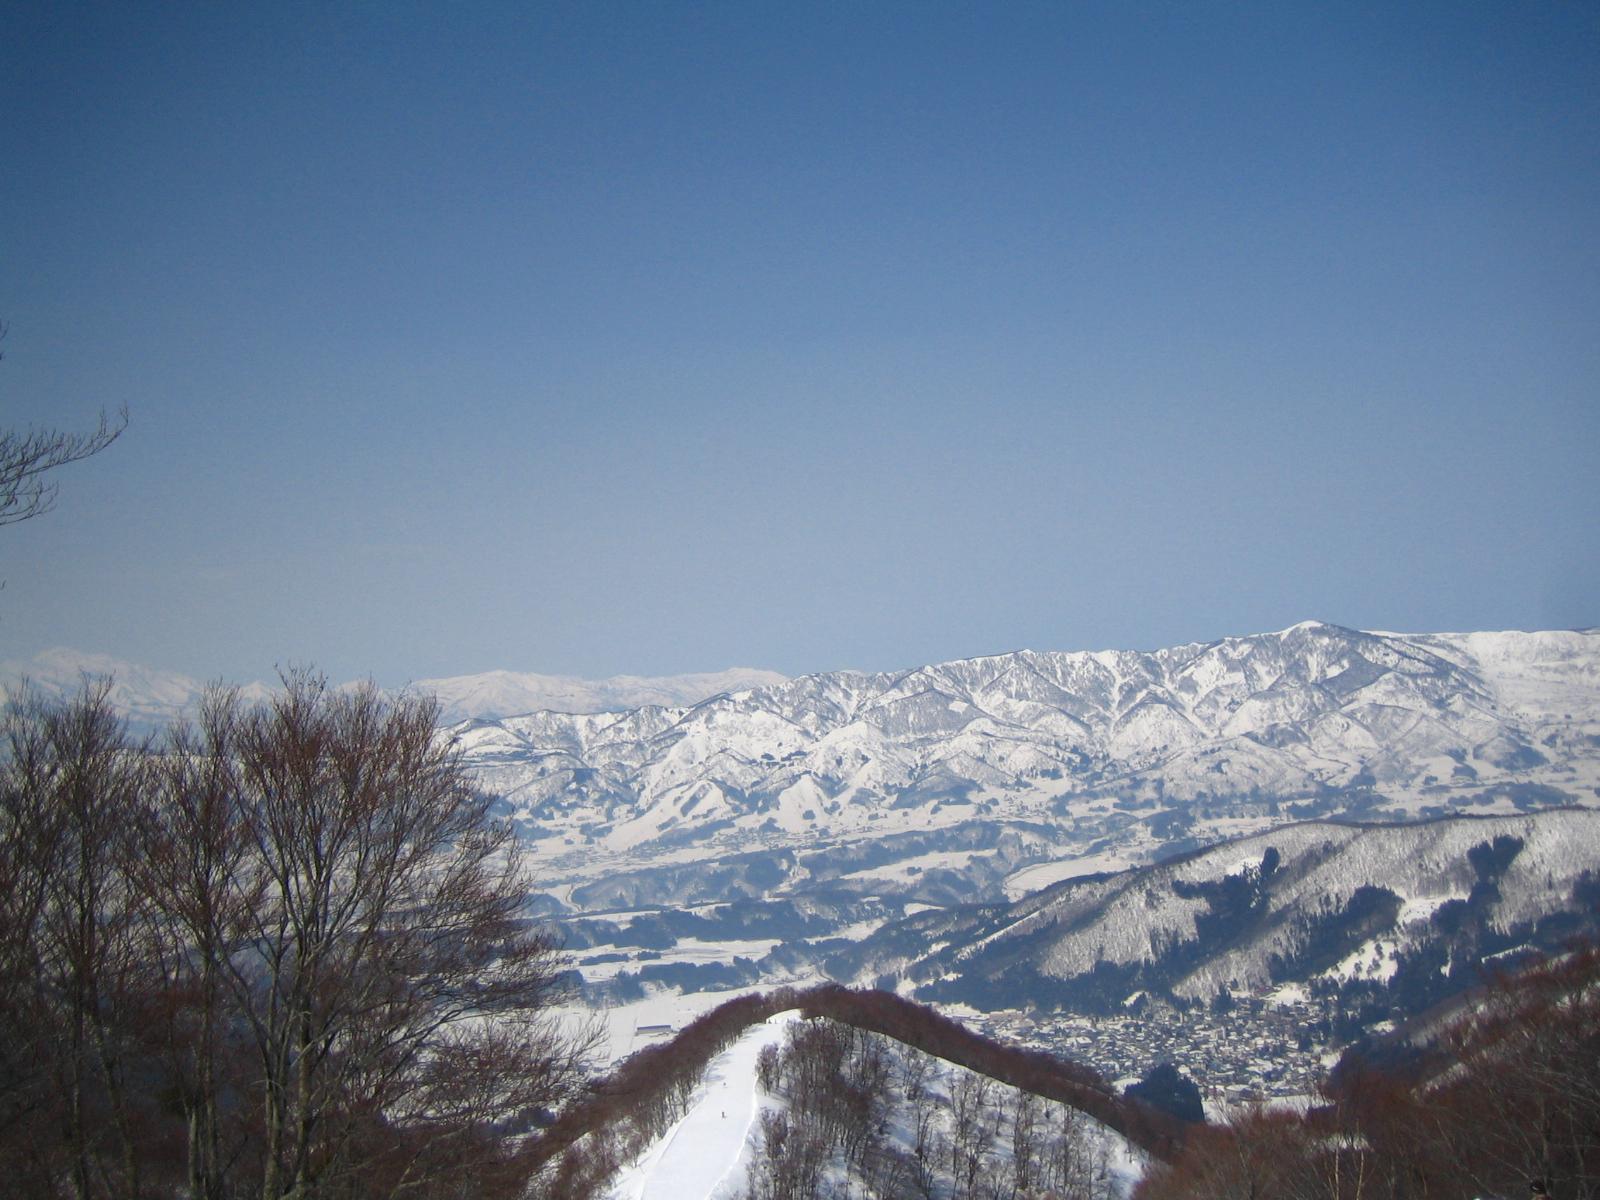 野沢温泉スキー場 image